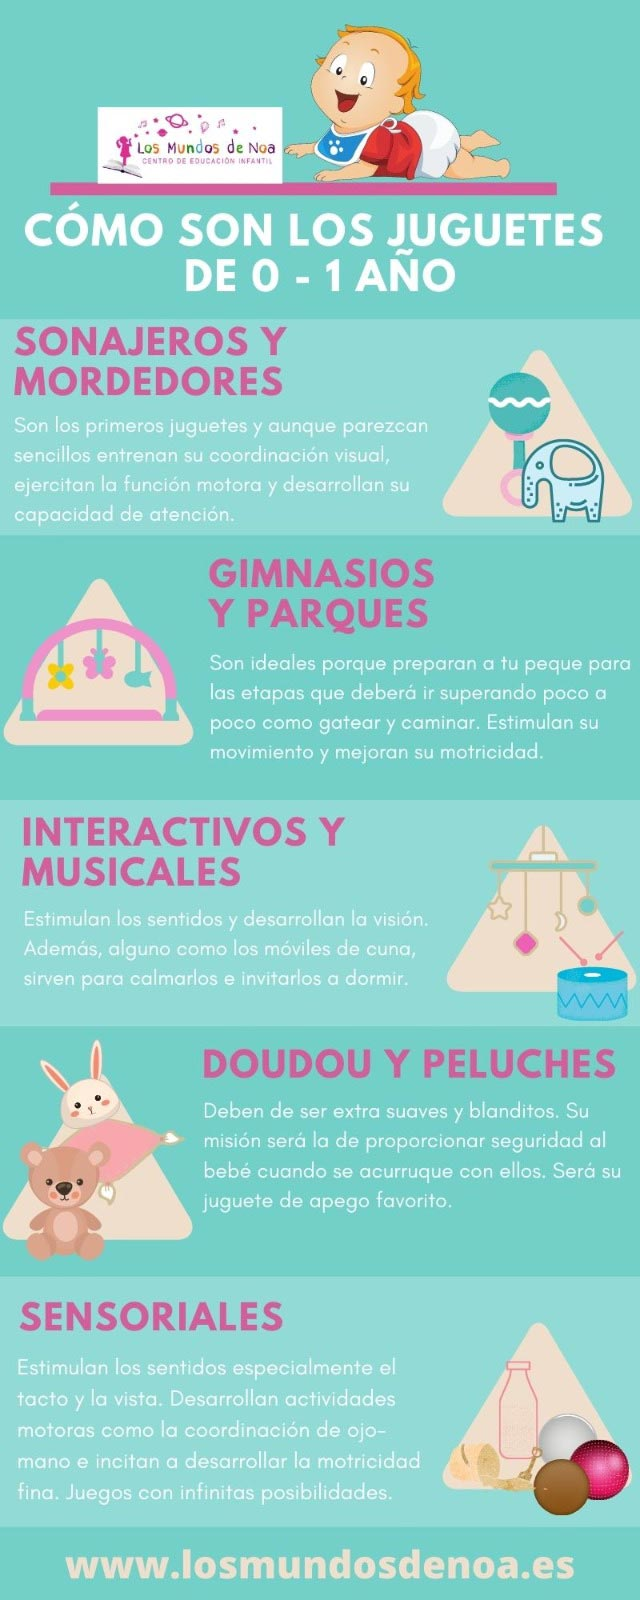 Infografía sobre cómo son los juguetes para bebés de 0-1 año y qué beneficios tienen